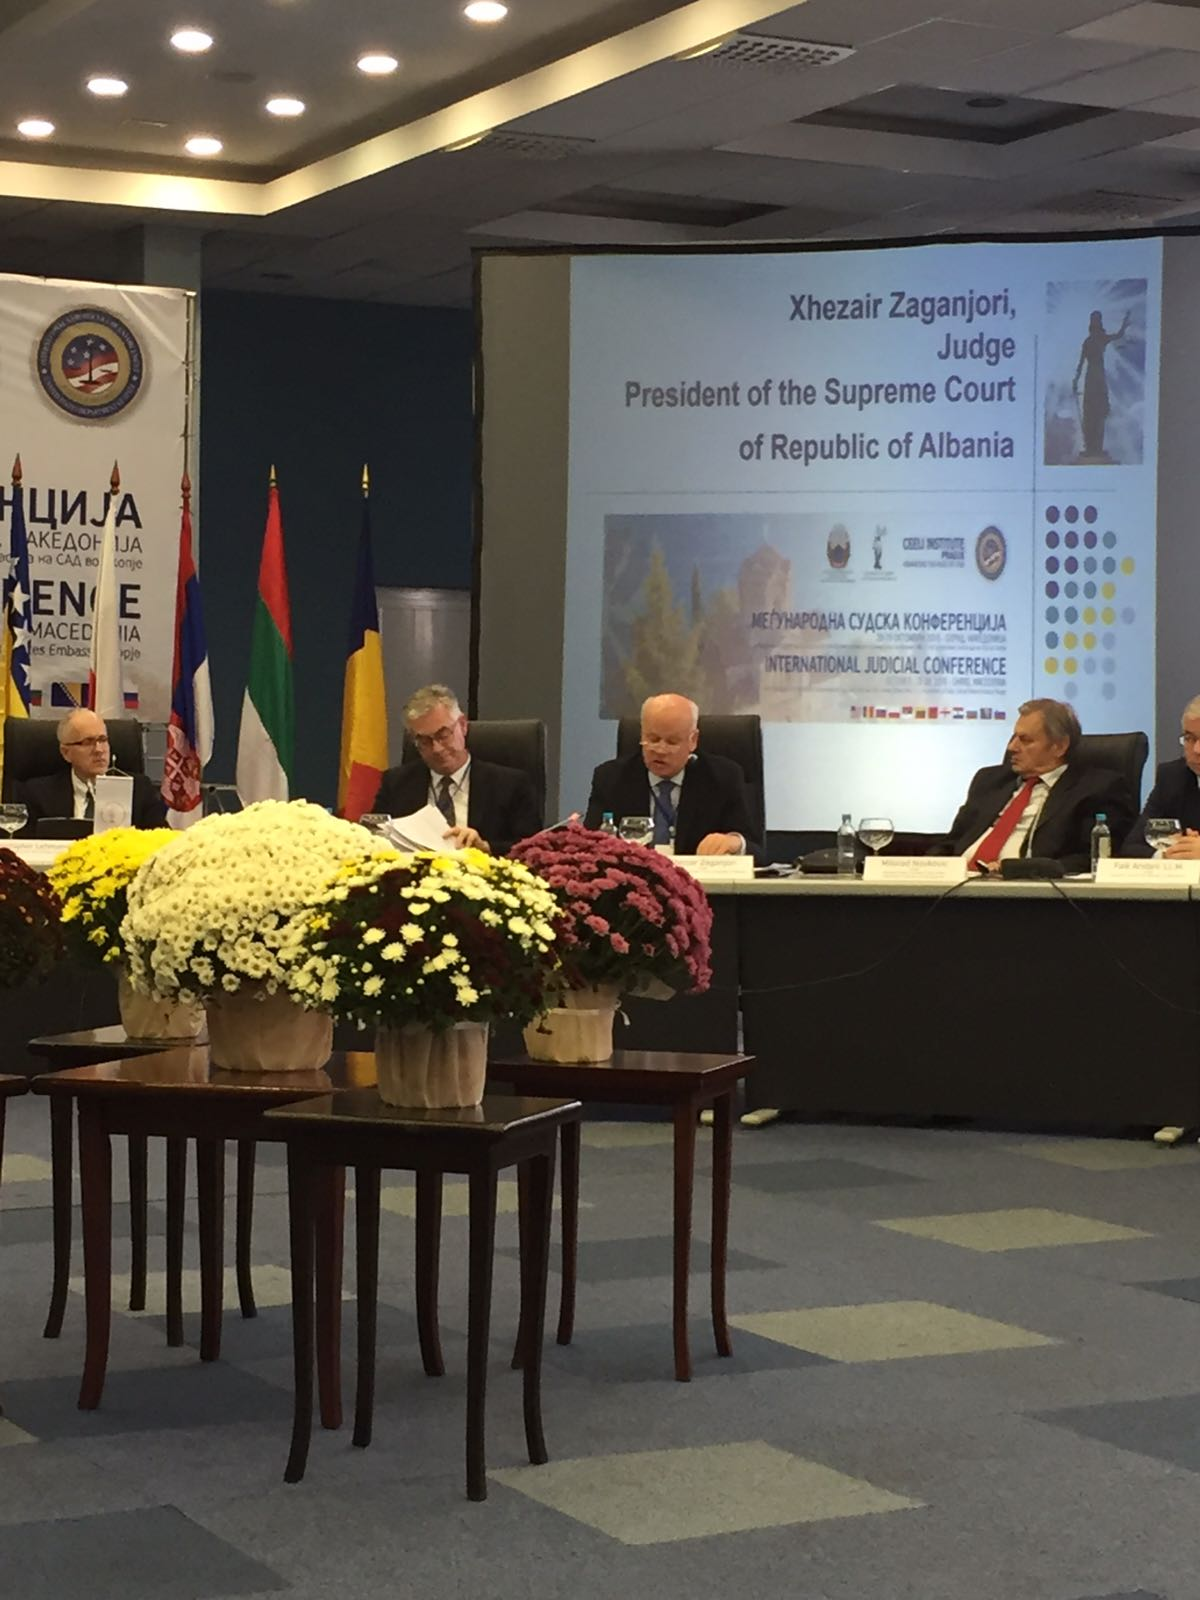 """Kryetari i Gjykatës së Lartë Z. Xhezair Zaganjori mori pjesë në Konferencën Ndërkombëtare me titull: """"Pavarësia e Gjyqësorit"""" mbajtur në Ohër, Maqedoni në datat 28-29 tetor 2016"""